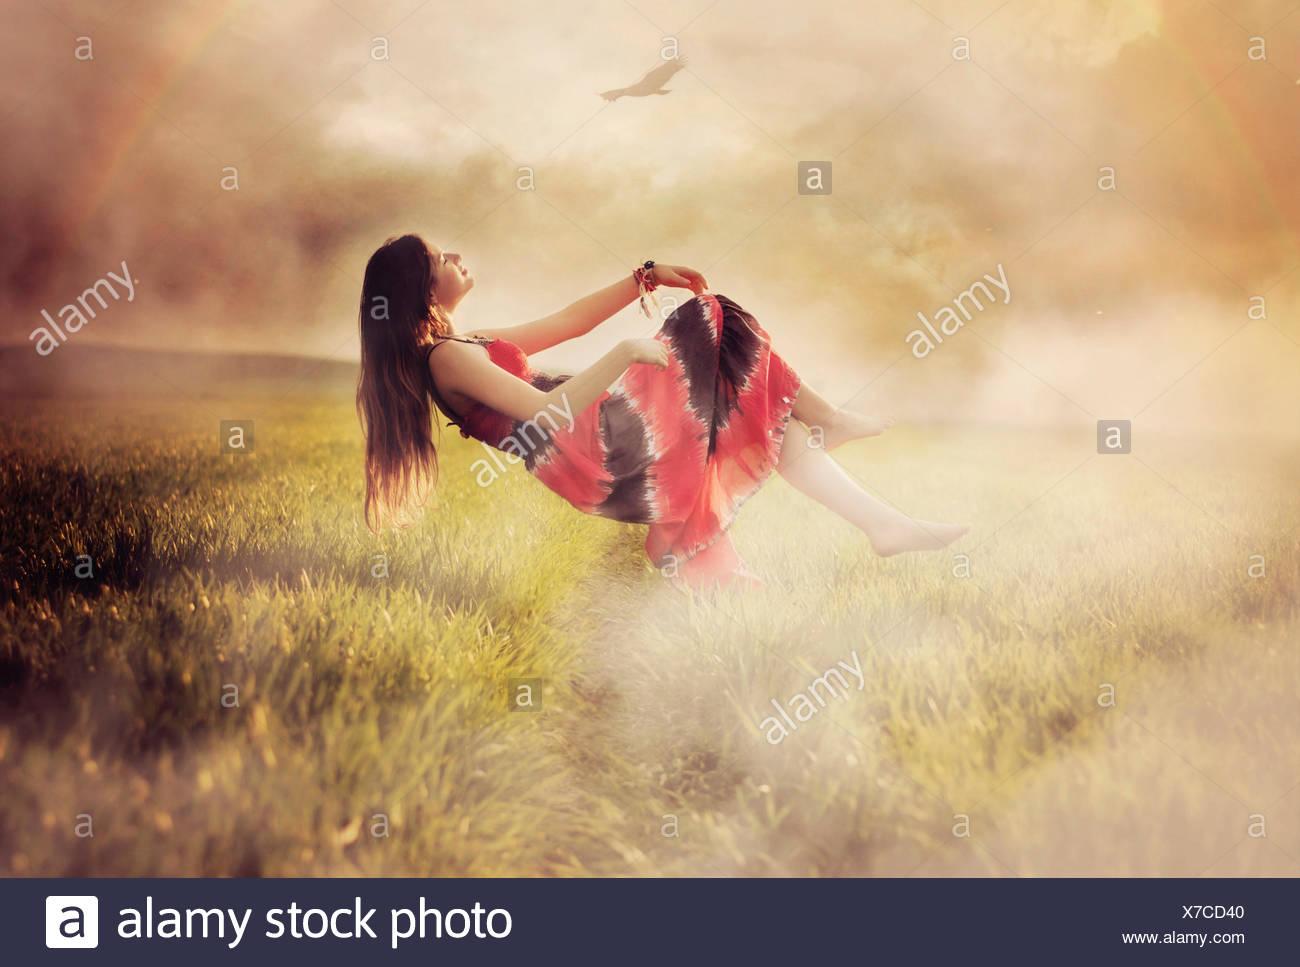 Frau schwebt über einer Wiese, Polen Stockbild